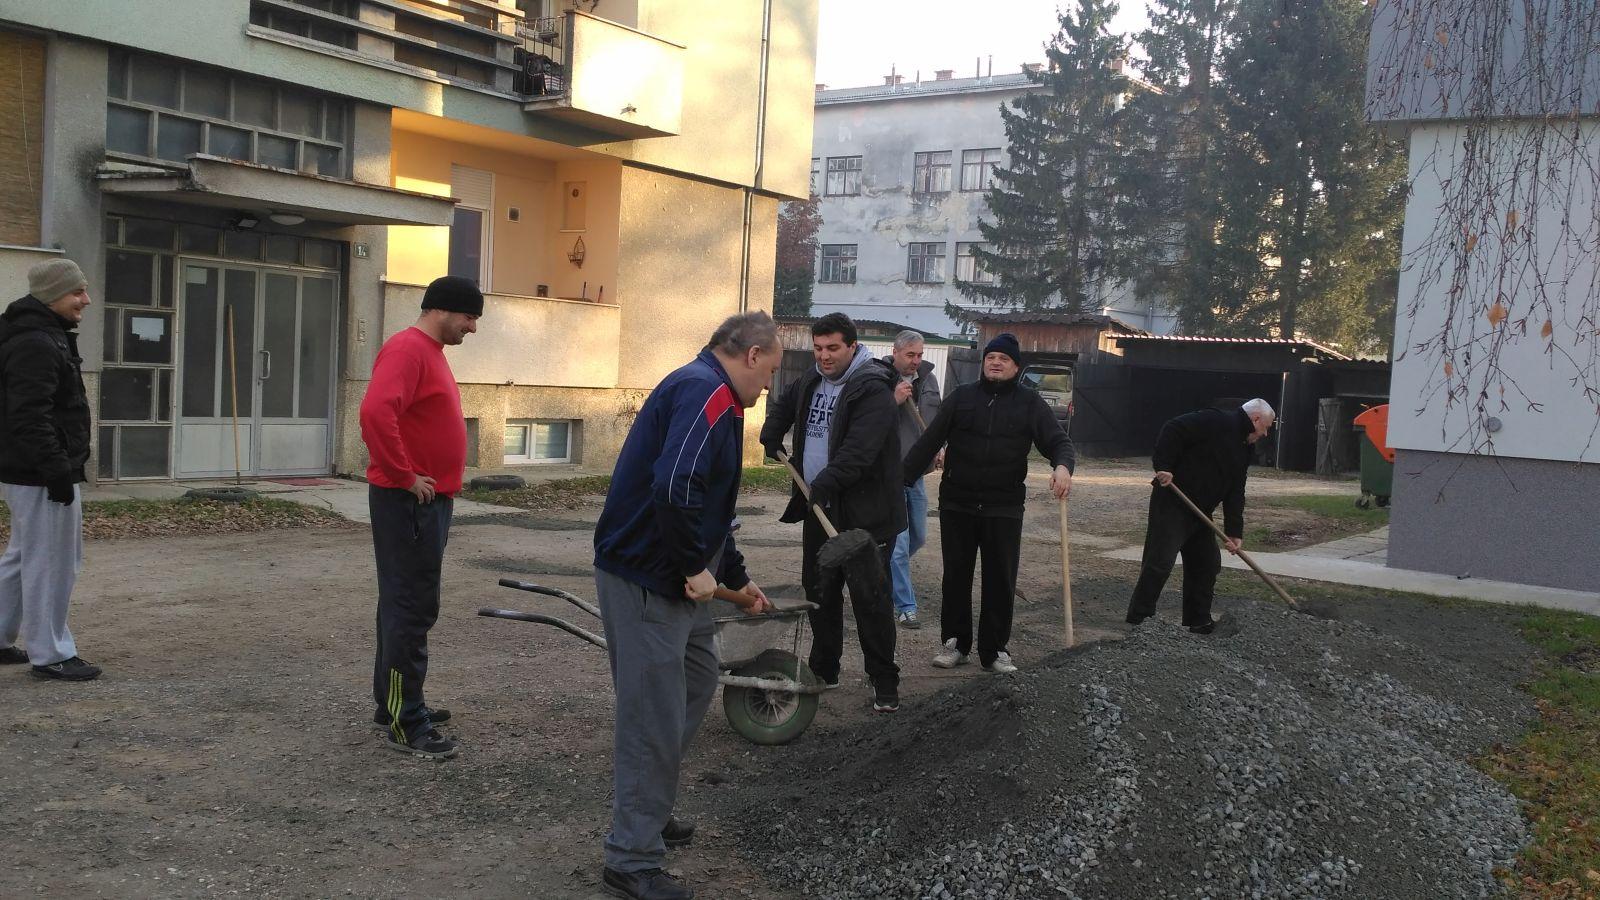 img_20161210_141907_radna_akcija_frana_gundruma_kamen_krpanje_rupa_inicijativa_mario_rajn_danijel_sasko